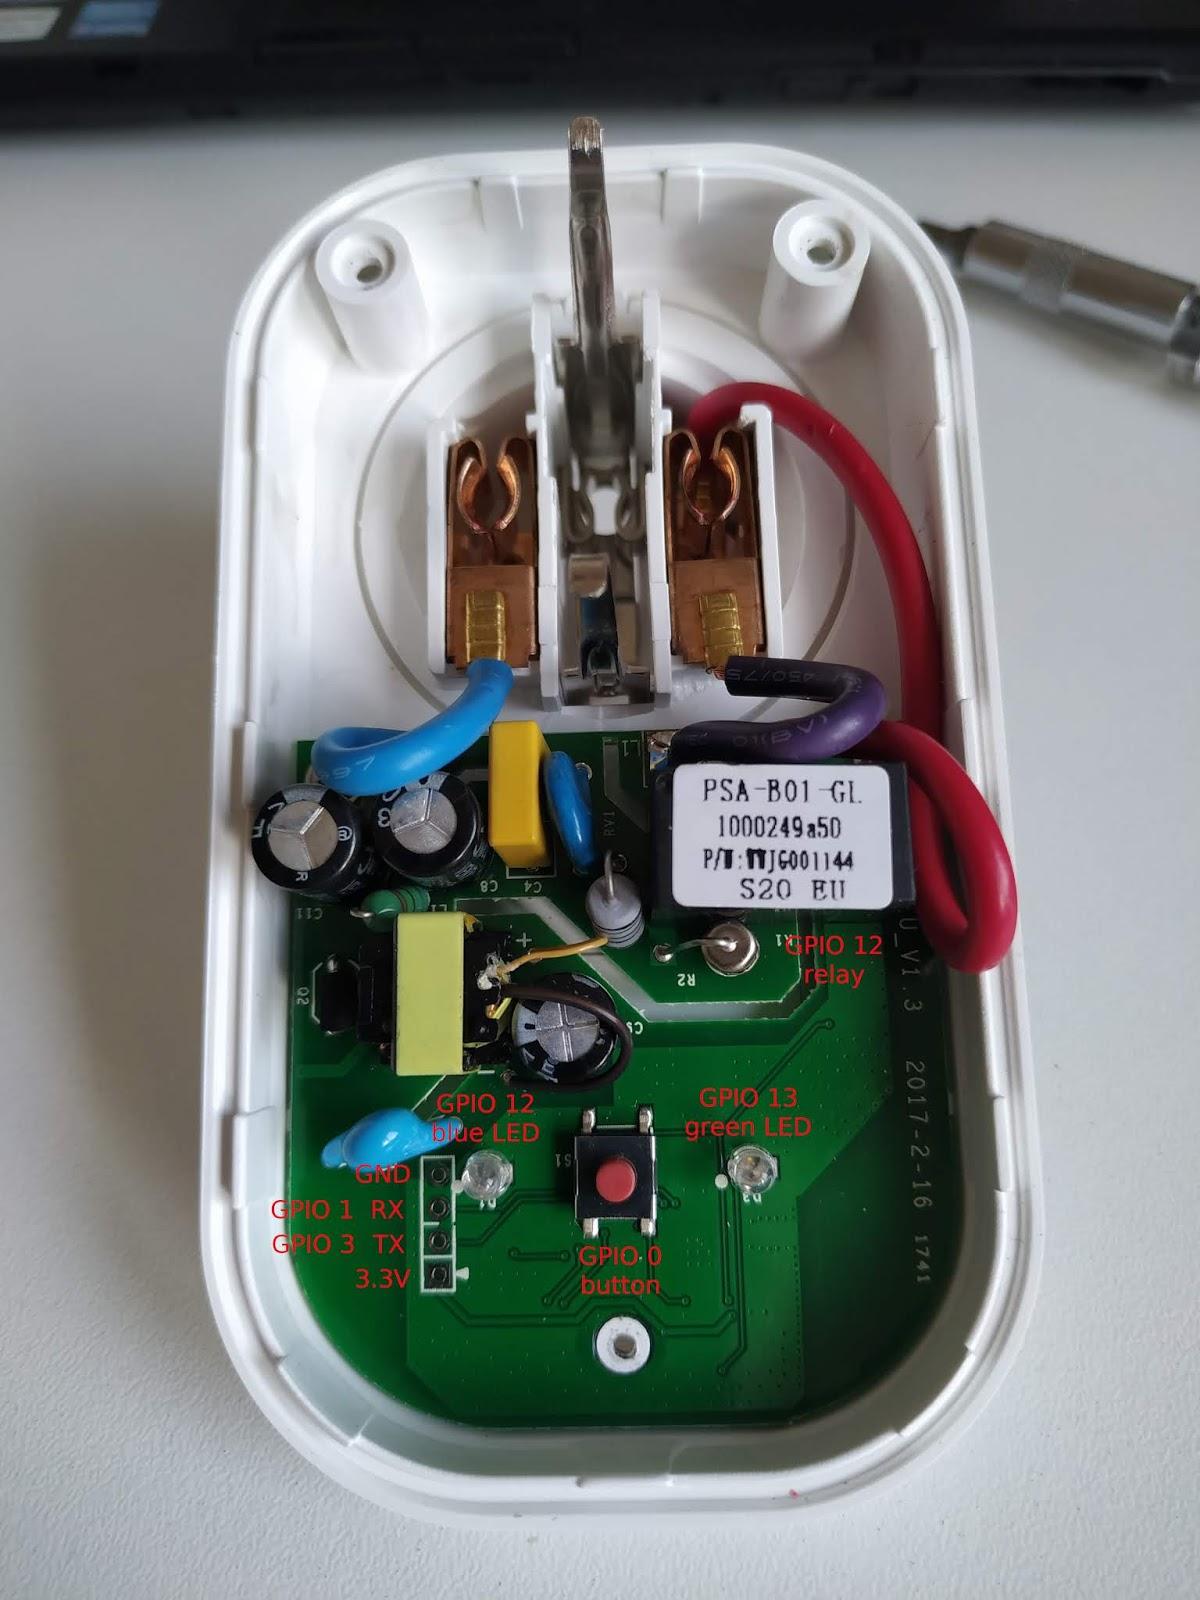 Flashing Tasmota firmware to Sonoff S20 | Srdan's blog